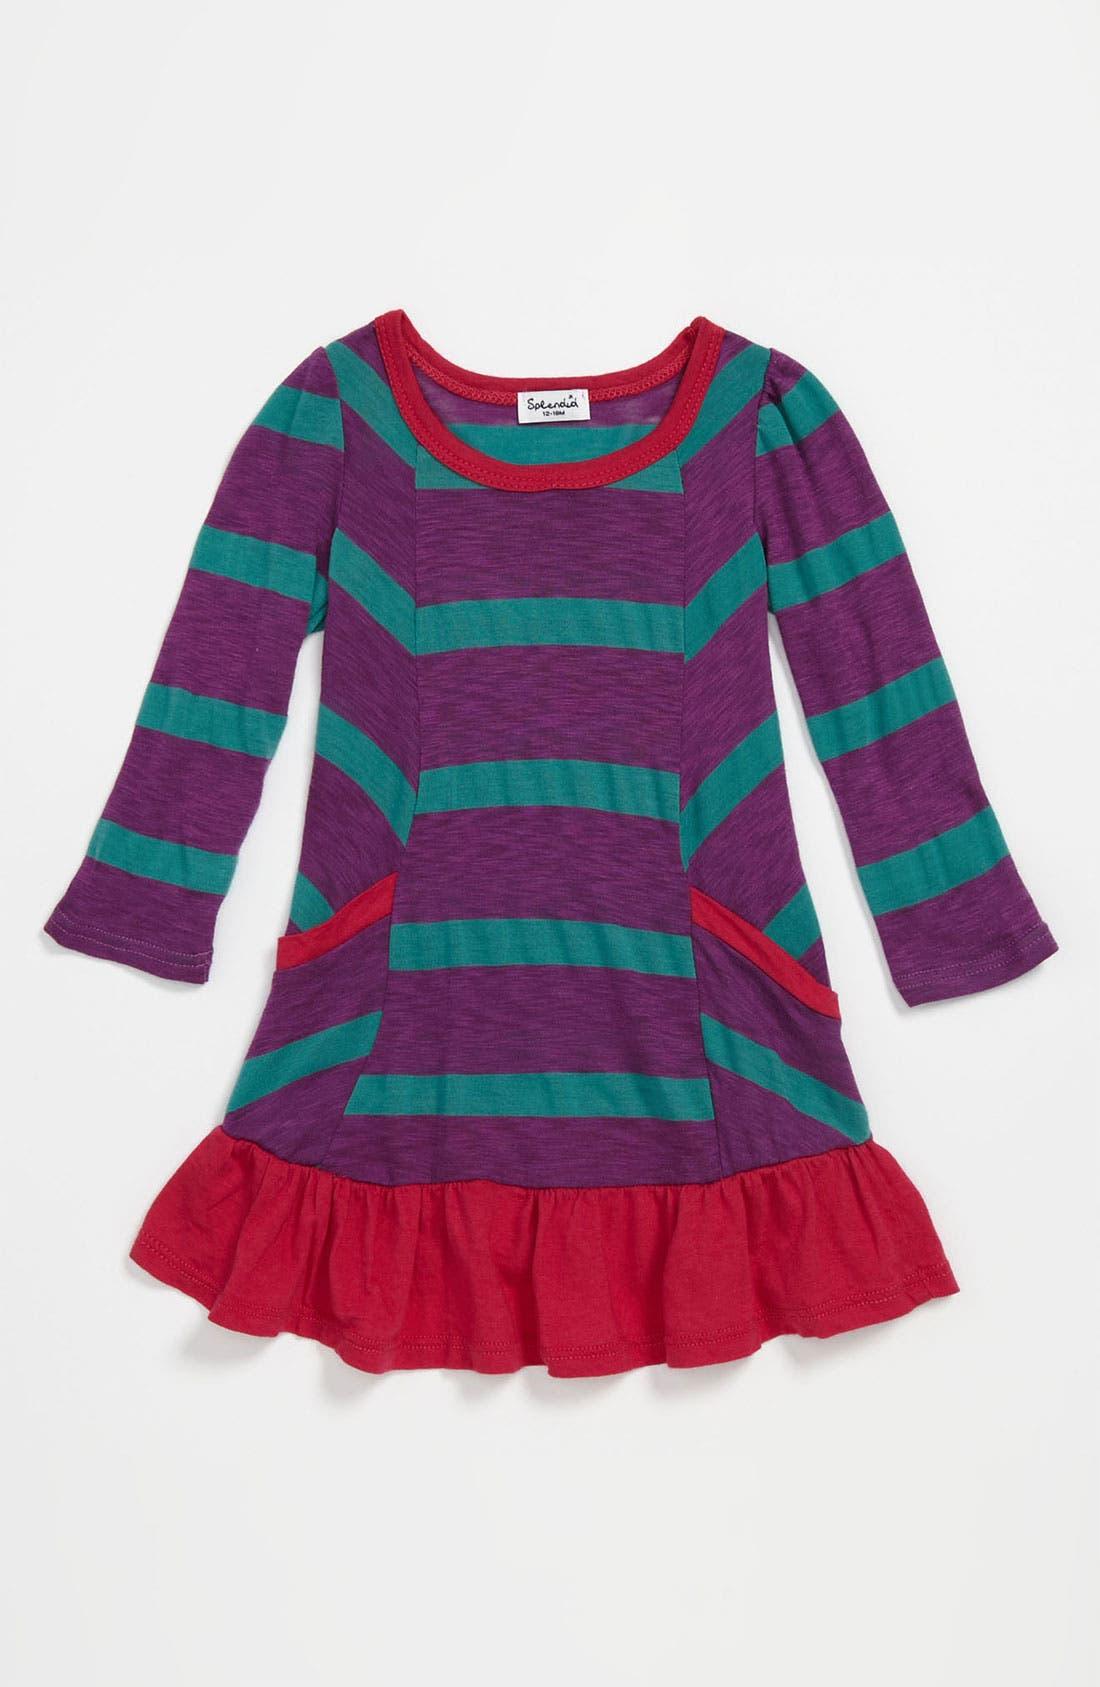 Alternate Image 1 Selected - Splendid 'Seville' Stripe Dress (Infant)